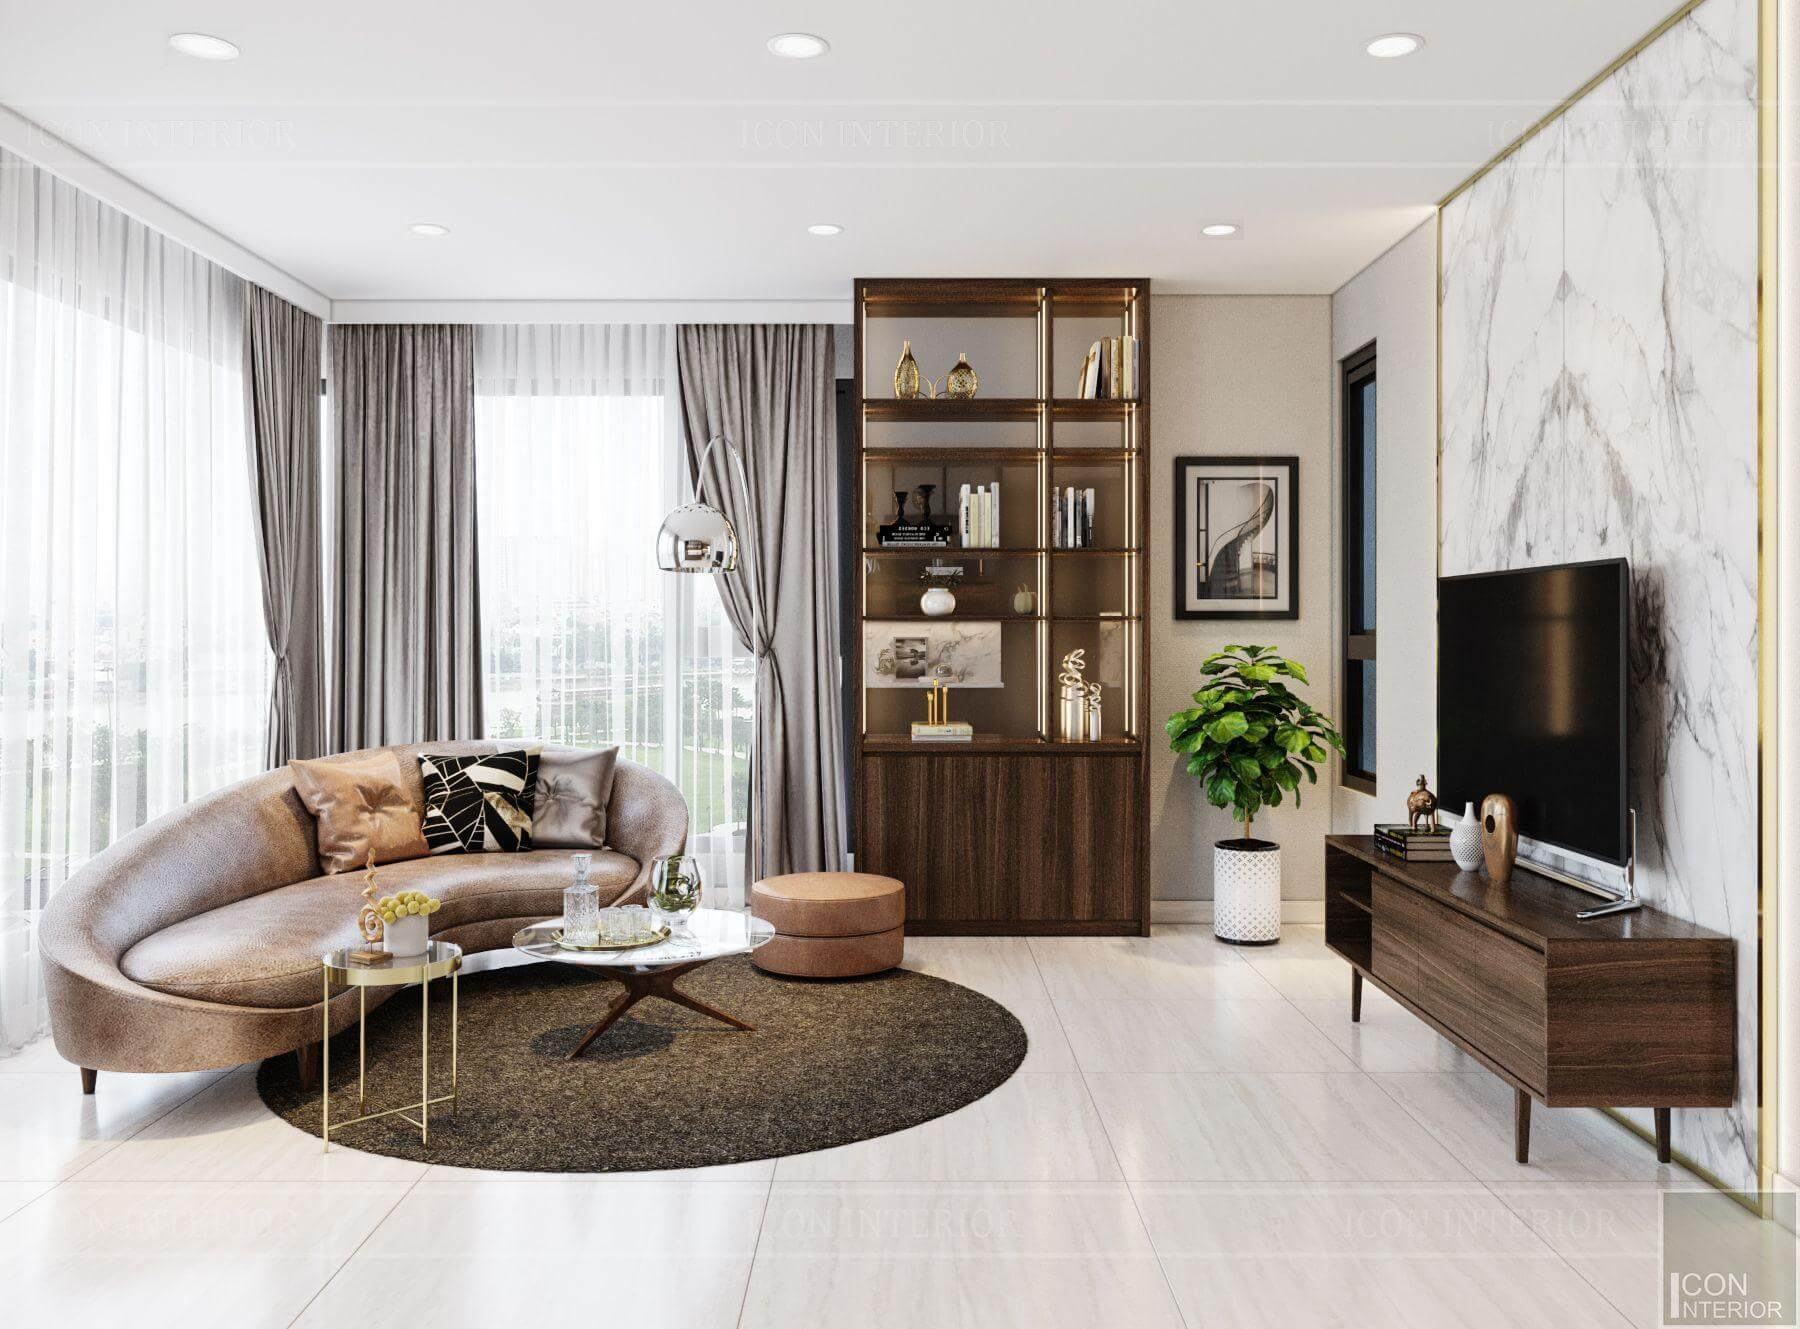 Thiết kế nội thất căn hộ Kingdom 101 90m2 Mr.Thang